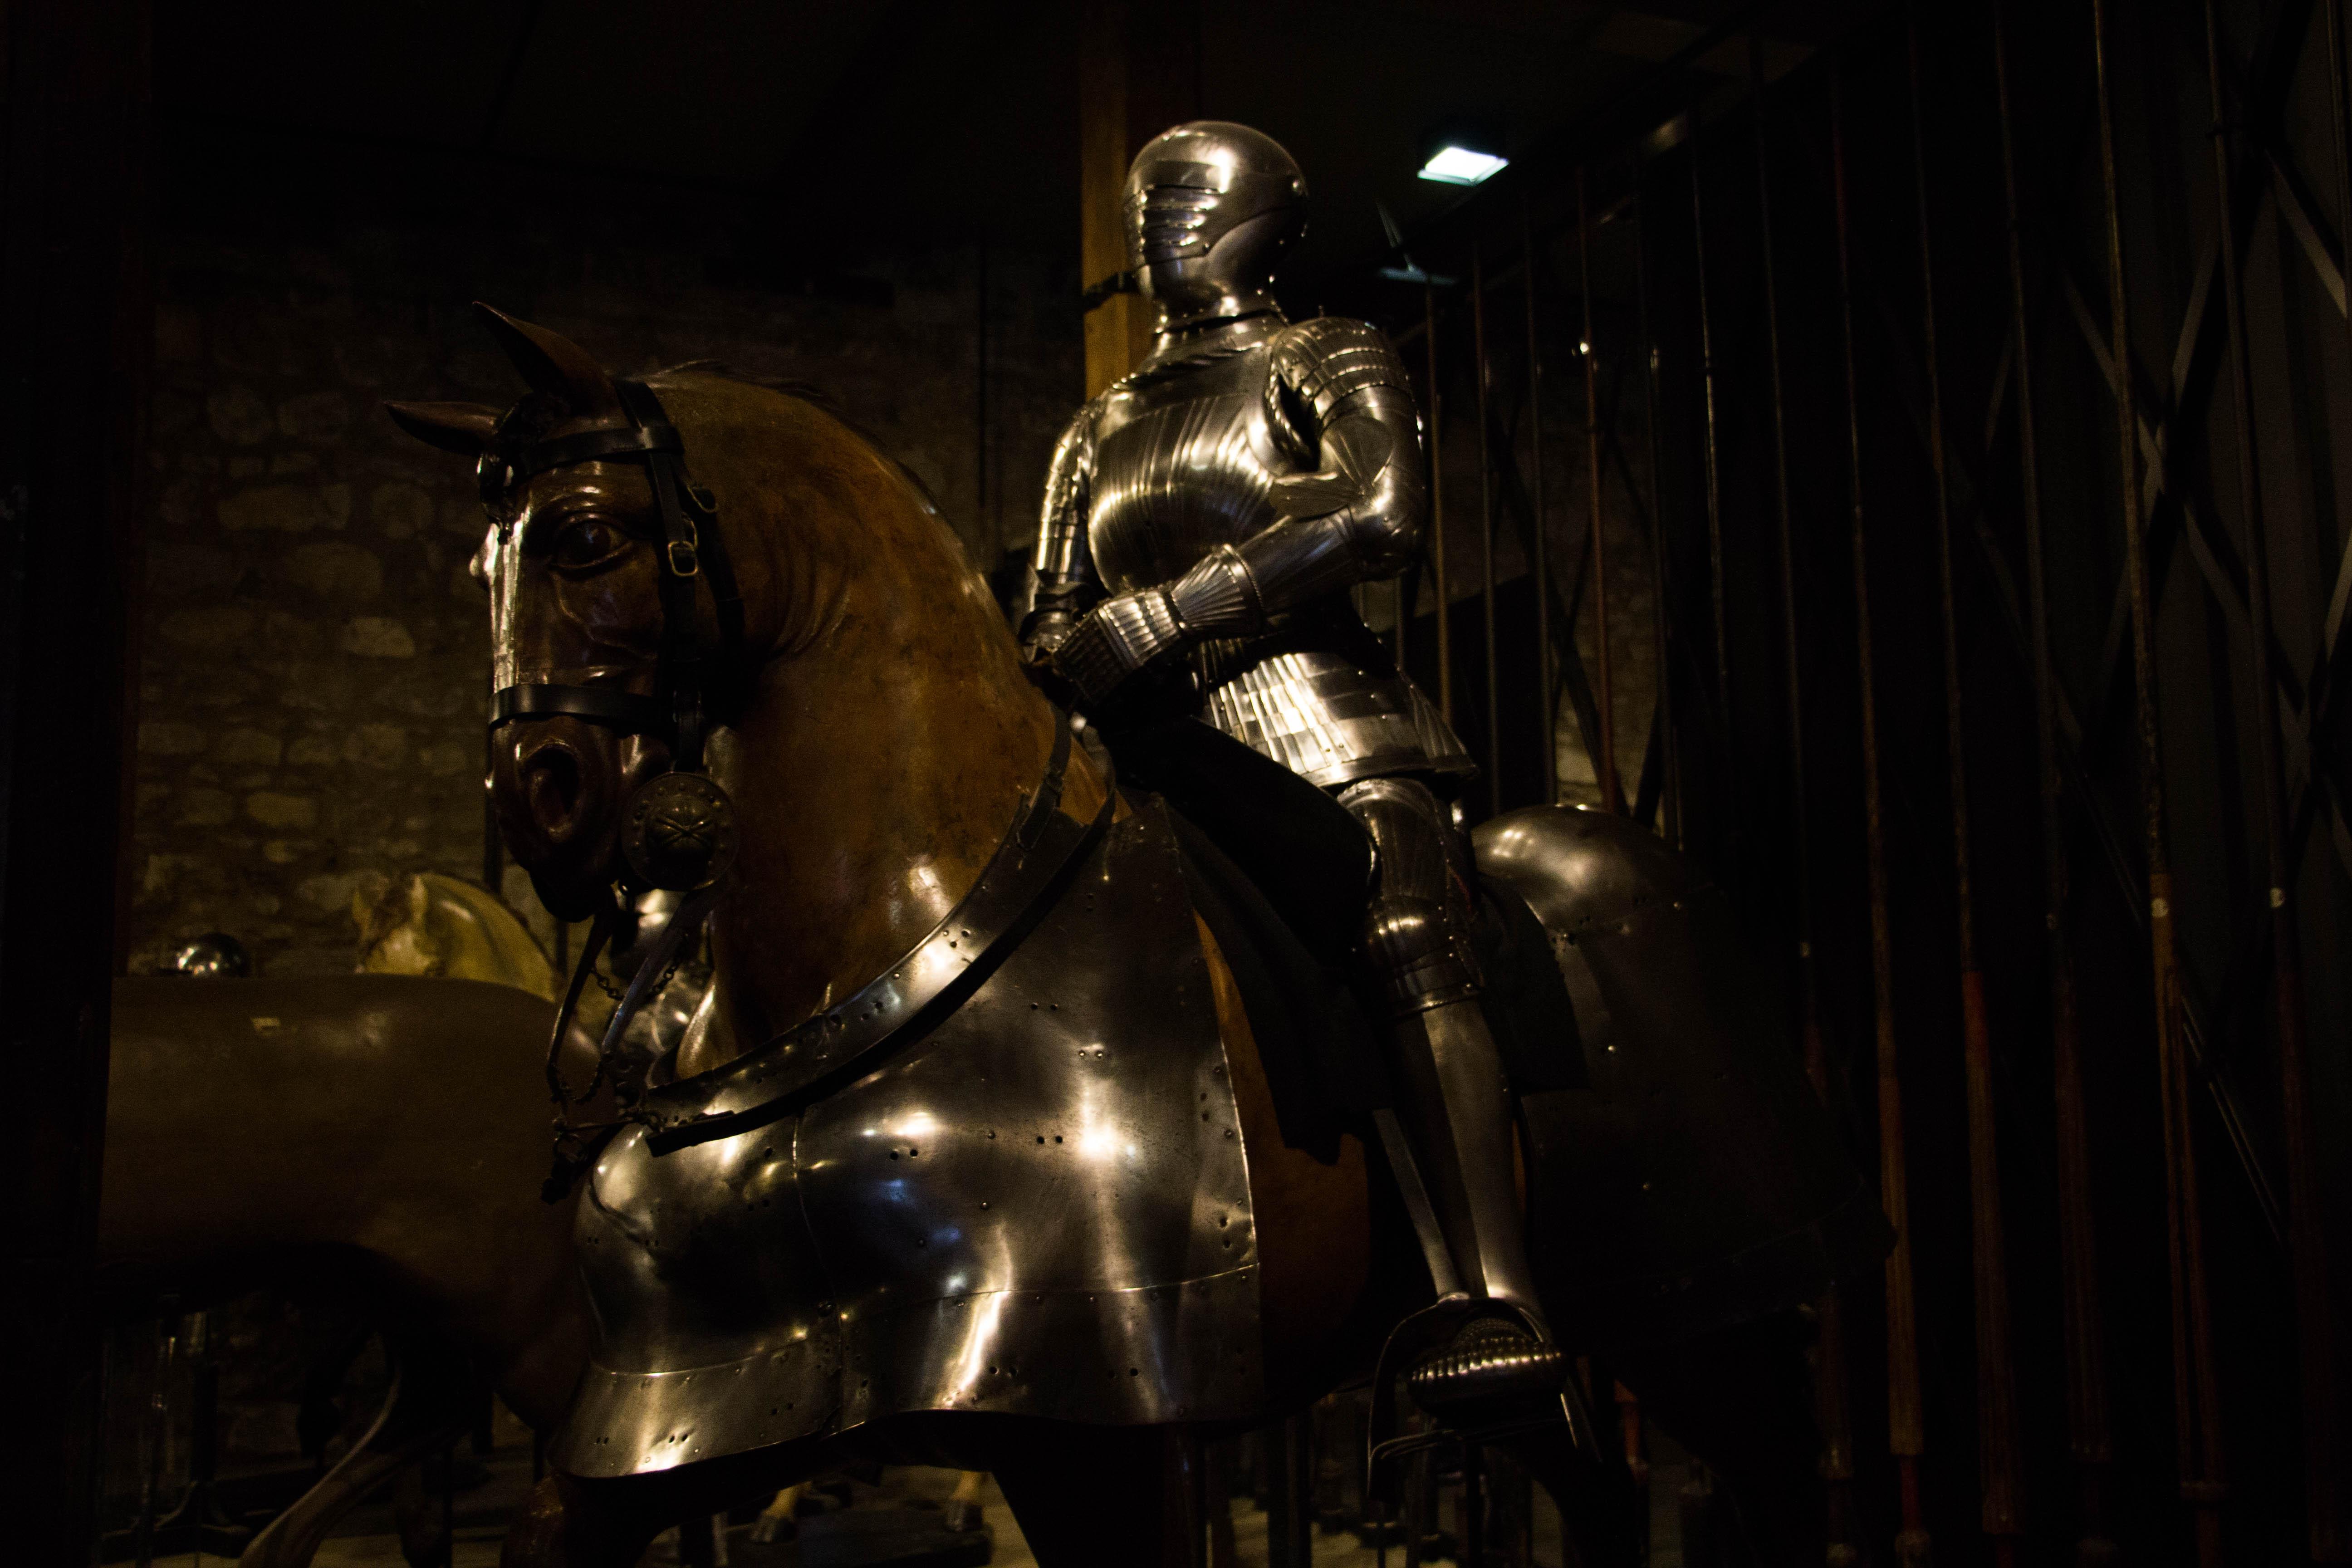 Knight in Shiny Armor